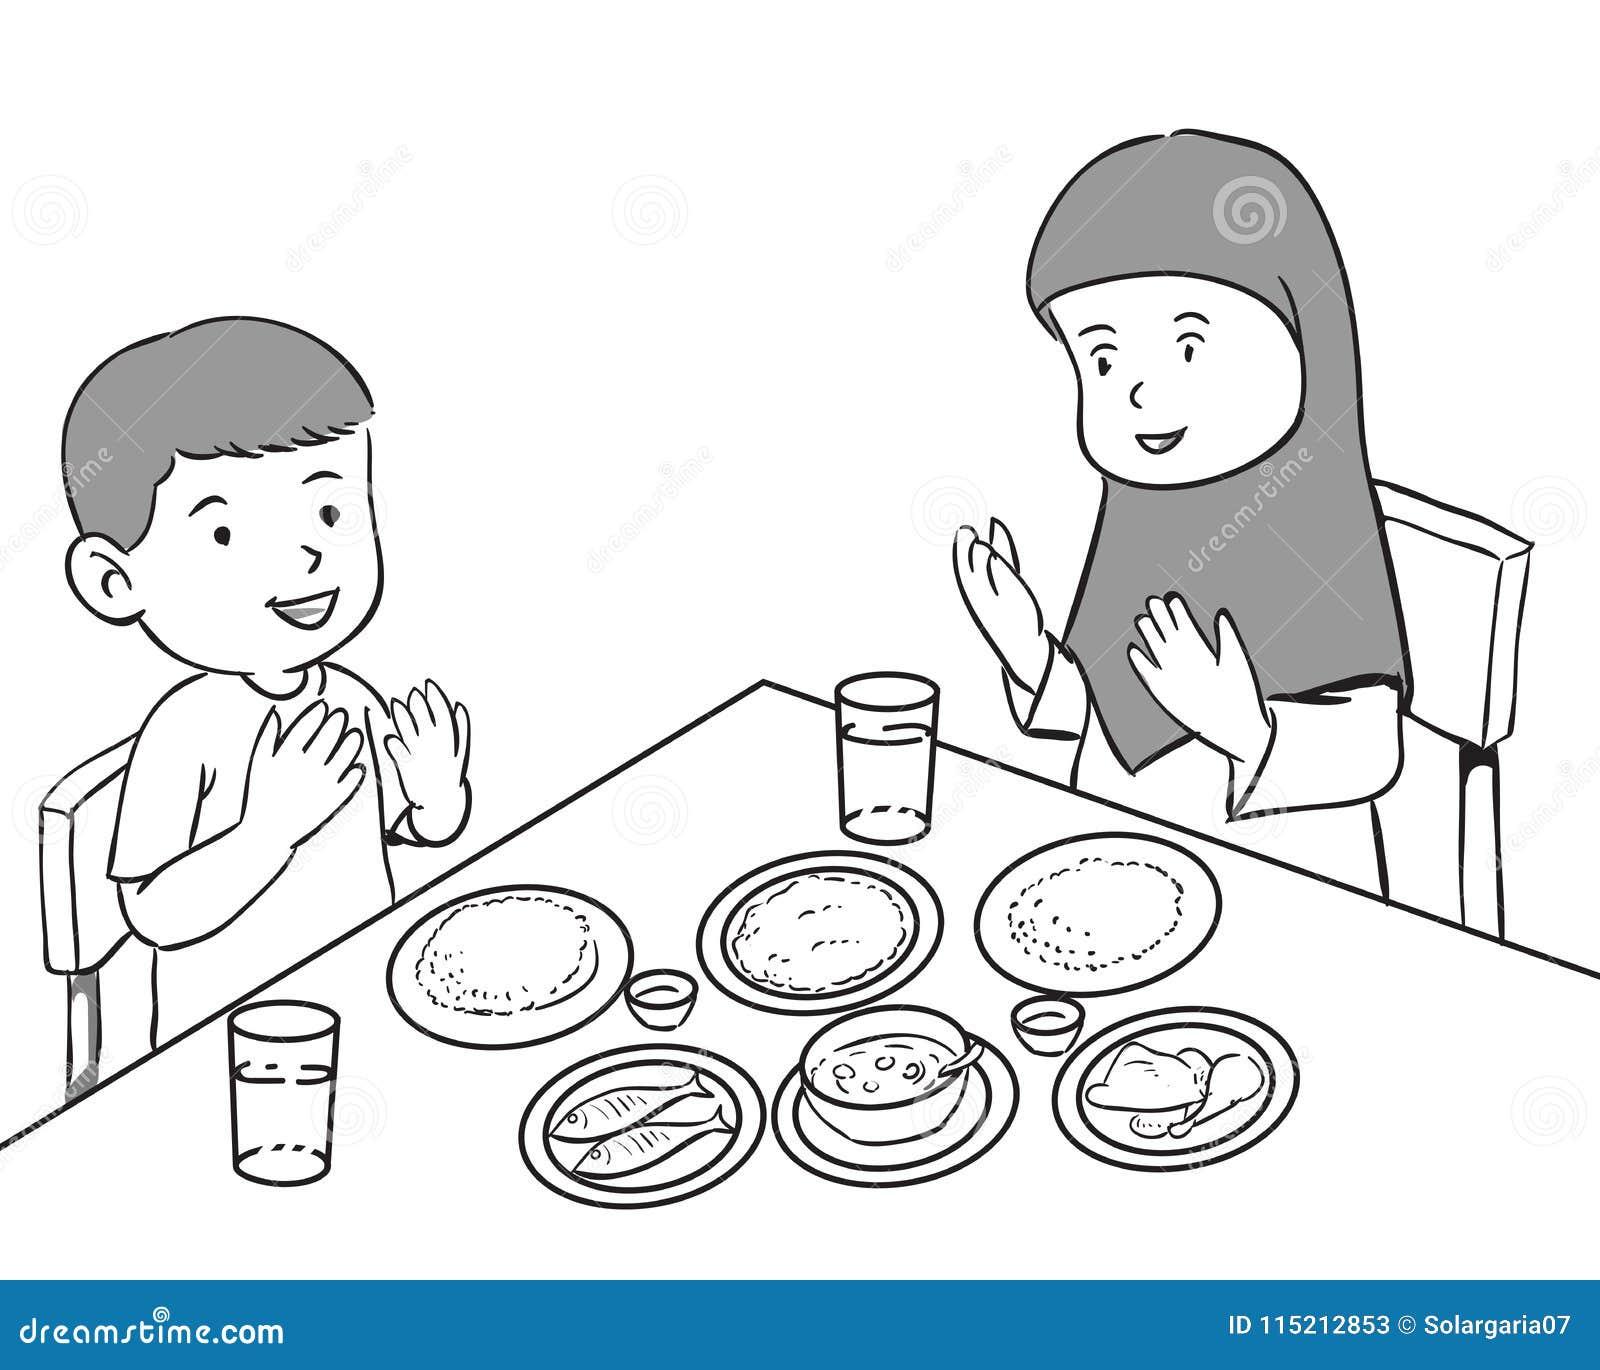 Muslim Kids having meal